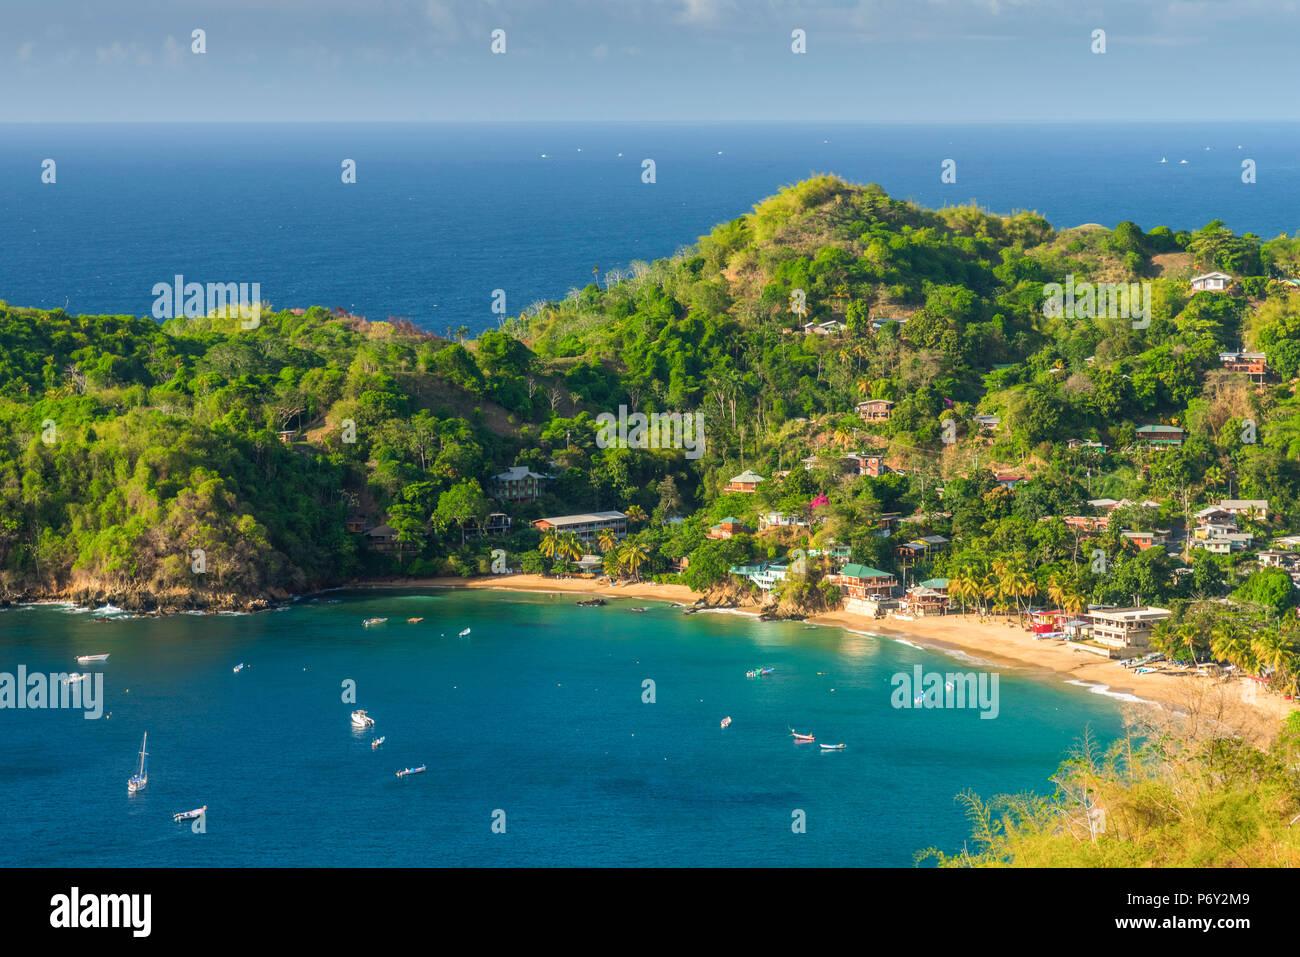 Caribbean, Trinidad and Tobago, Tobago, Castara Bay, Castara - Stock Image